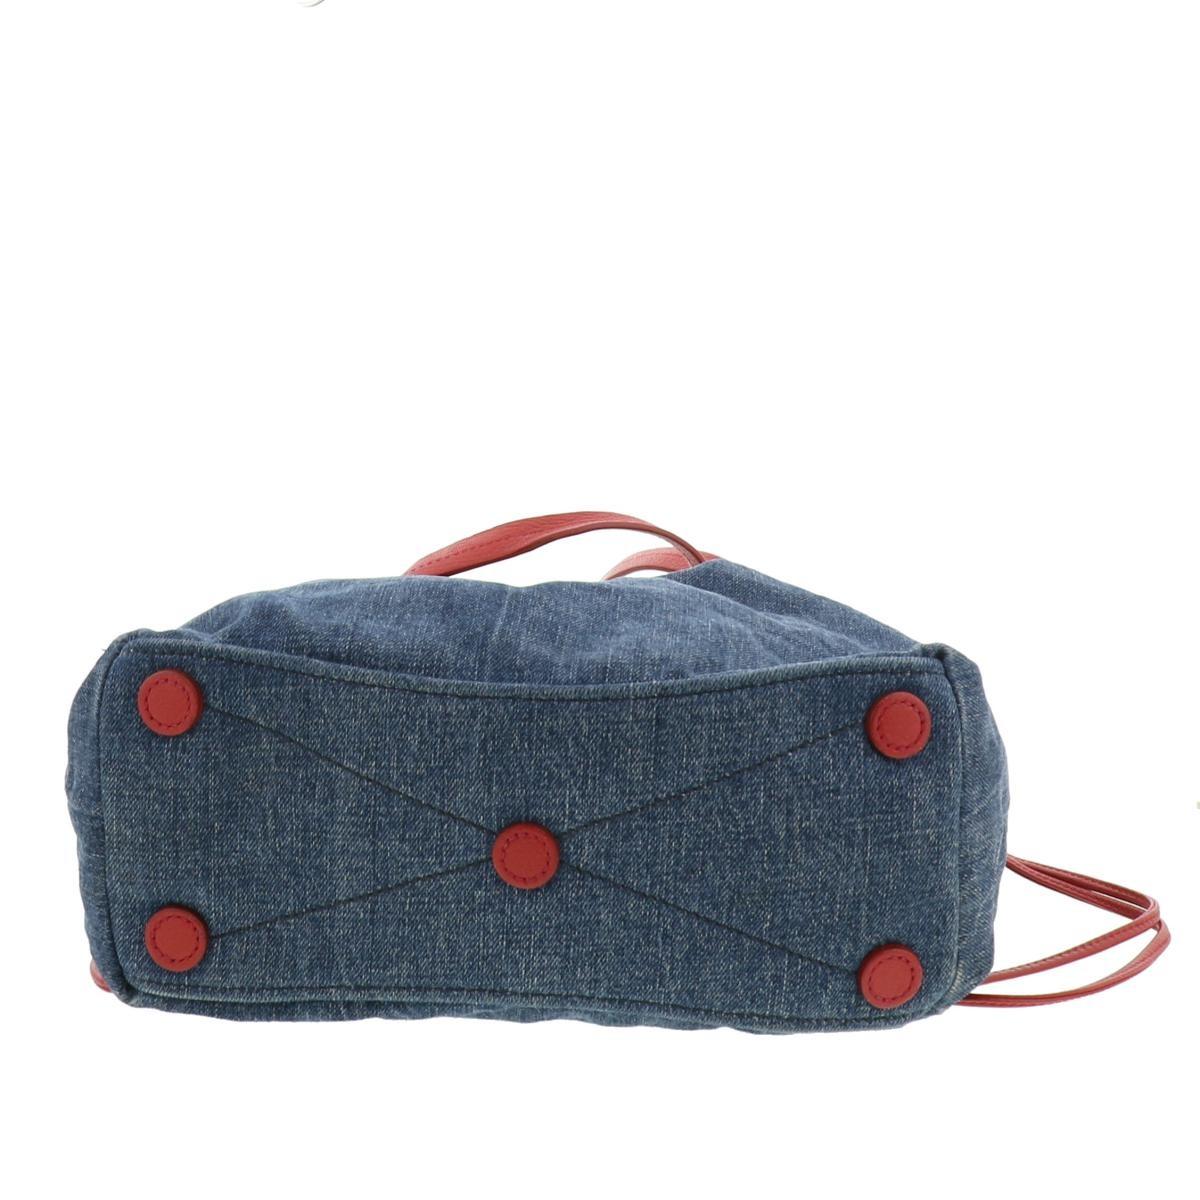 【中古】 MIUMIU (ミュウミュウ) トートバッグ Denim Blue バッグ トートバッグ トートバッグ ブルー・レッド